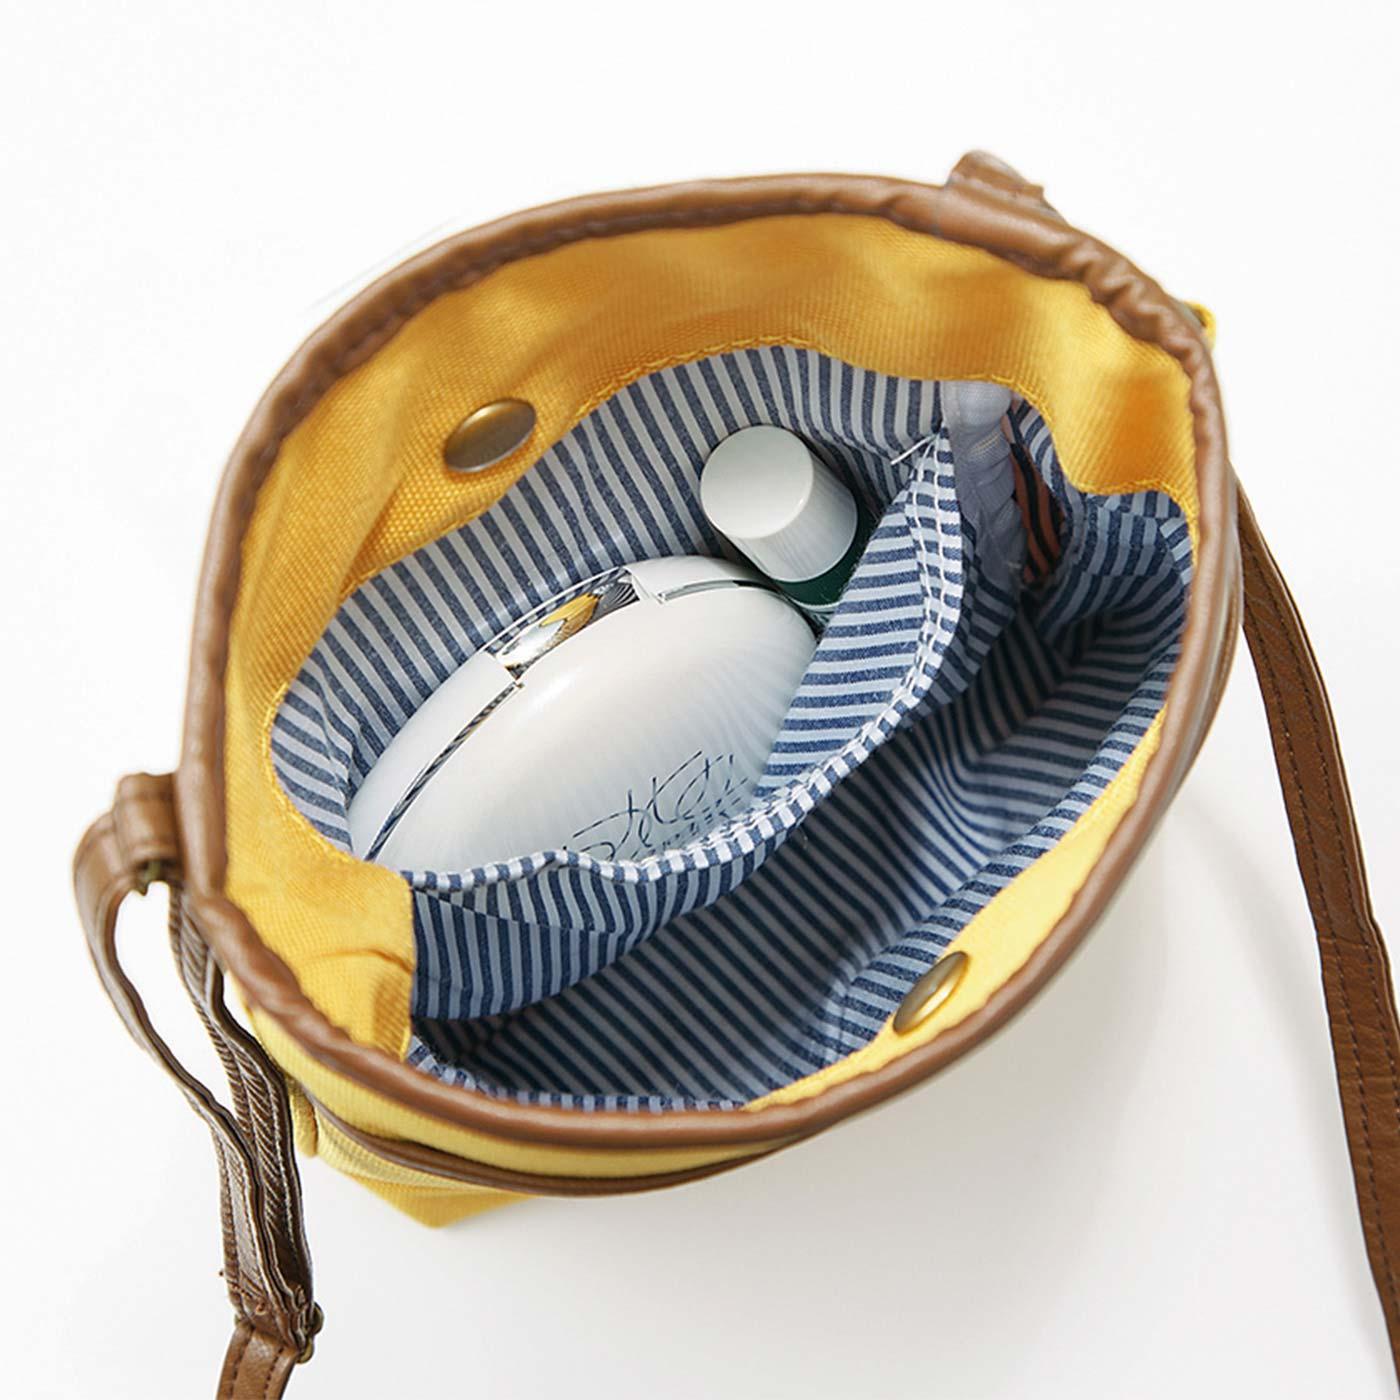 リップやコンパクトなどの小物が入れられる内ポケット付き。